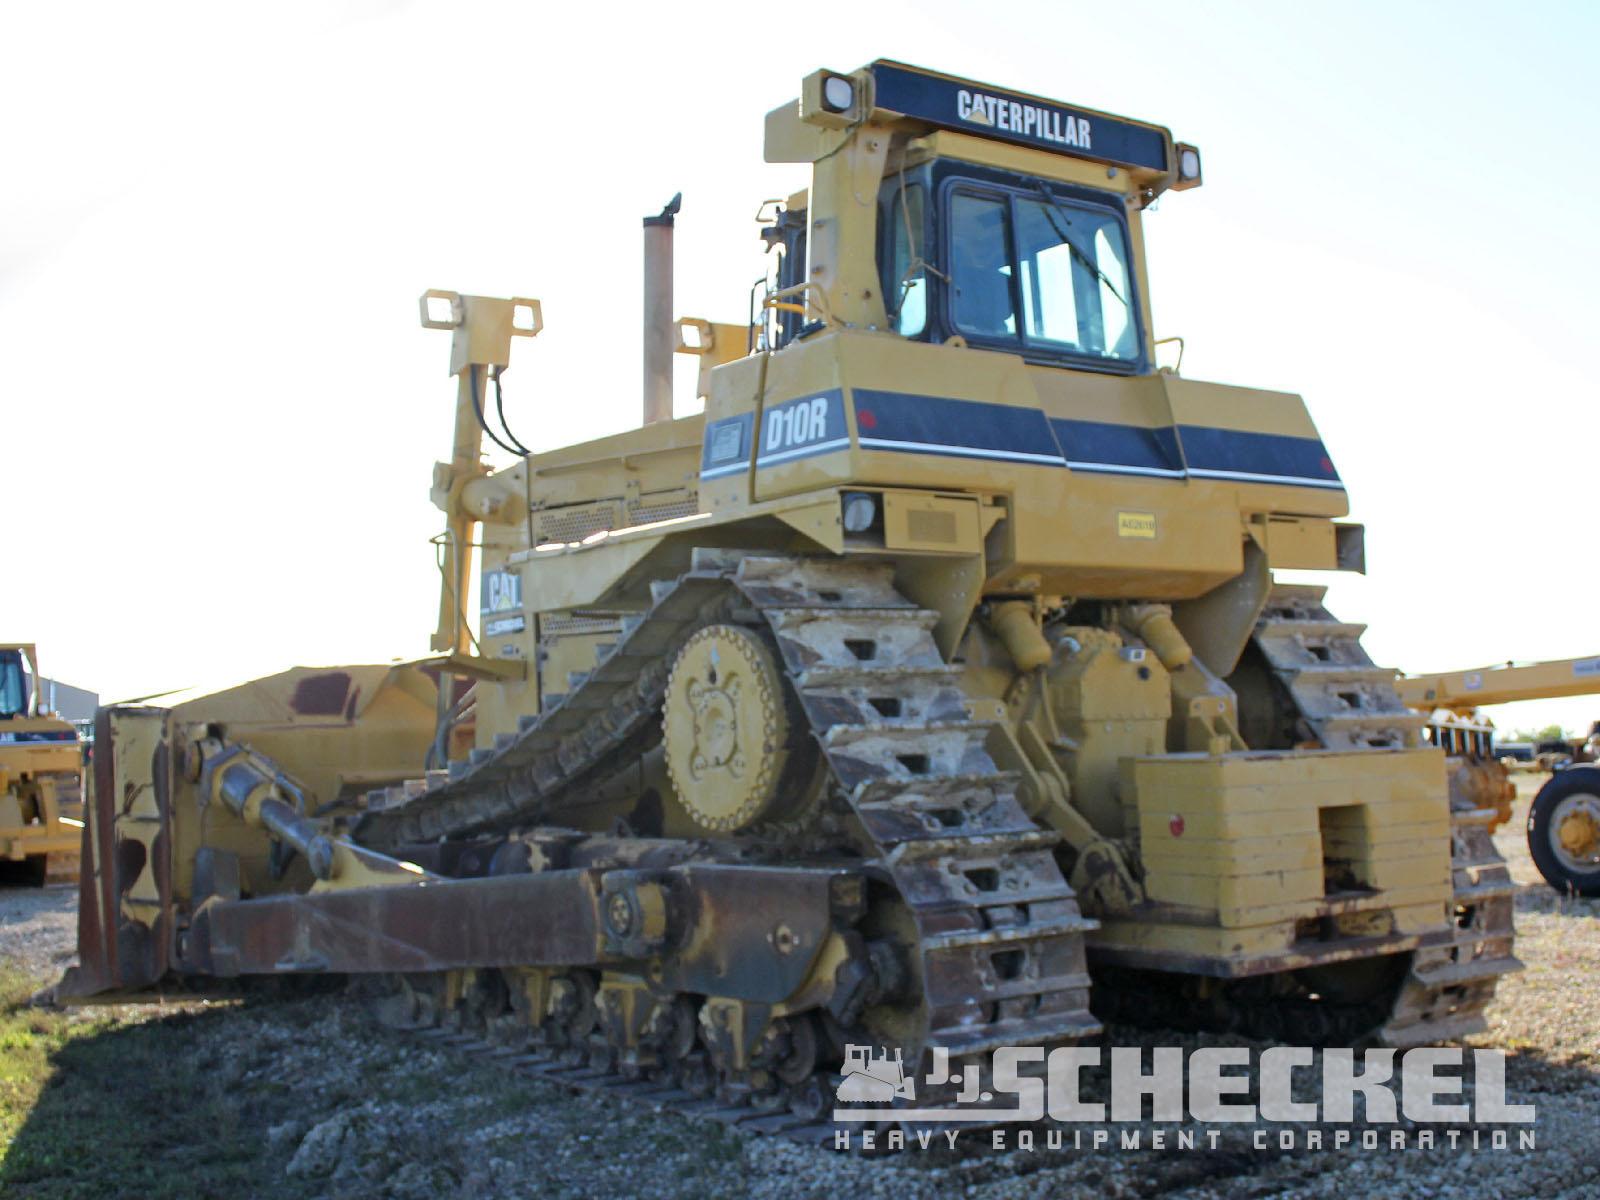 1999 Cat D10R, Crawler Tractor, A02619